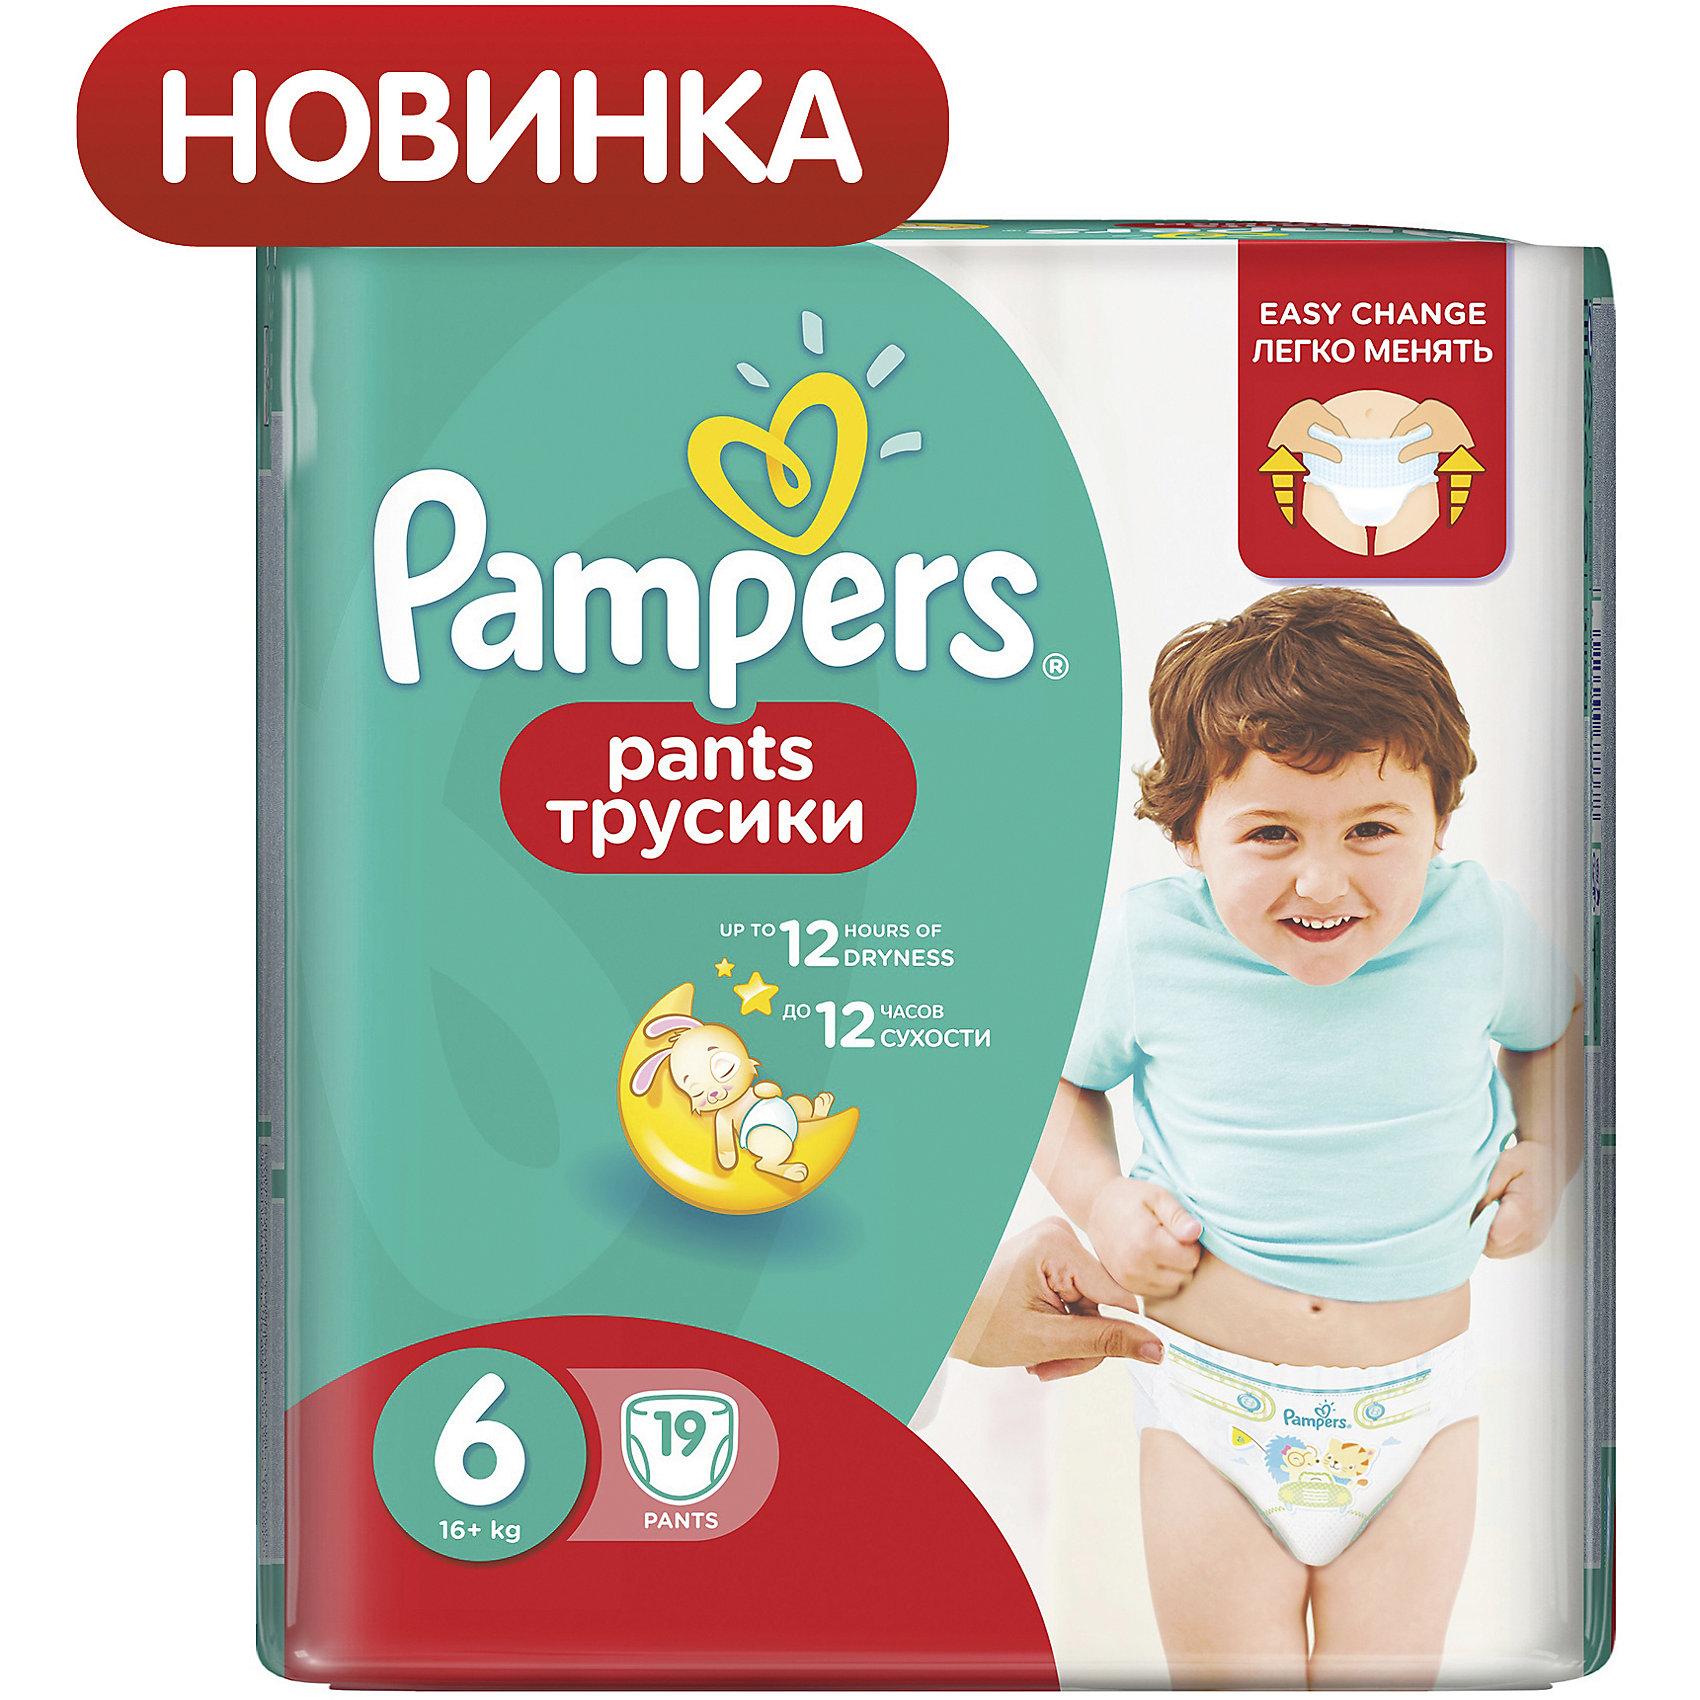 Трусики Pampers Pants, 16кг+, размер 6, 19 шт., PampersХарактеристики:<br><br>• Вид подгузника: трусики<br>• Пол: универсальный<br>• Тип подгузника: одноразовый<br>• Коллекция: Active Baby<br>• Предназначение: для ночного сна <br>• Размер: 6<br>• Вес ребенка: 16+ кг<br>• Количество в упаковке: 19 шт.<br>• Упаковка: пакет<br>• Размер упаковки: 22*14,5*23,5 см<br>• Вес в упаковке: 757 г<br>• Наружные боковые швы<br>• До 12 часов сухости<br>• Эластичные резинки <br>• Дышащие материалы<br>• Повышенные впитывающие свойства<br><br>Трусики Pampers Pants, 16+ кг, размер 6, 19 шт., Pampers – это новейшая линейка детских подгузников от Pampers, которая сочетает в себе высокое качество и безопасность материалов, удобство использования и комфорт для нежной кожи малыша. Подгузники выполнены в виде трусиков и предназначены для детей весом до 11 кг. Инновационные технологии и современные материалы обеспечивают этим подгузникам Дышащие свойства, что особенно важно для кожи малыша. Повышенные впитывающие качества изделию обеспечивают специальные микрогранулы, сохраняя верхний слой сухим до 12 часов, именно поэтому эту линейку трусиков производитель рекомендует использовать для ночного сна. <br><br>У трусиков предусмотрена эластичная мягкая резиночка на спинке и манжеты на ножках, что защищает от протекания. Боковые наружные швы не натирают нежную кожу малыша, легко разрываются при смене трусиков. Сзади имеется клейкая лента, которая позволяет зафиксировать свернутые после использования трусики. Трусики подходит как для мальчиков, так и для девочек. <br><br>Трусики Pampers Pants, 16+ кг, размер 6, 19 шт., Pampers можно купить в нашем интернет-магазине.<br><br>Ширина мм: 220<br>Глубина мм: 145<br>Высота мм: 235<br>Вес г: 757<br>Возраст от месяцев: 12<br>Возраст до месяцев: 36<br>Пол: Унисекс<br>Возраст: Детский<br>SKU: 5419045